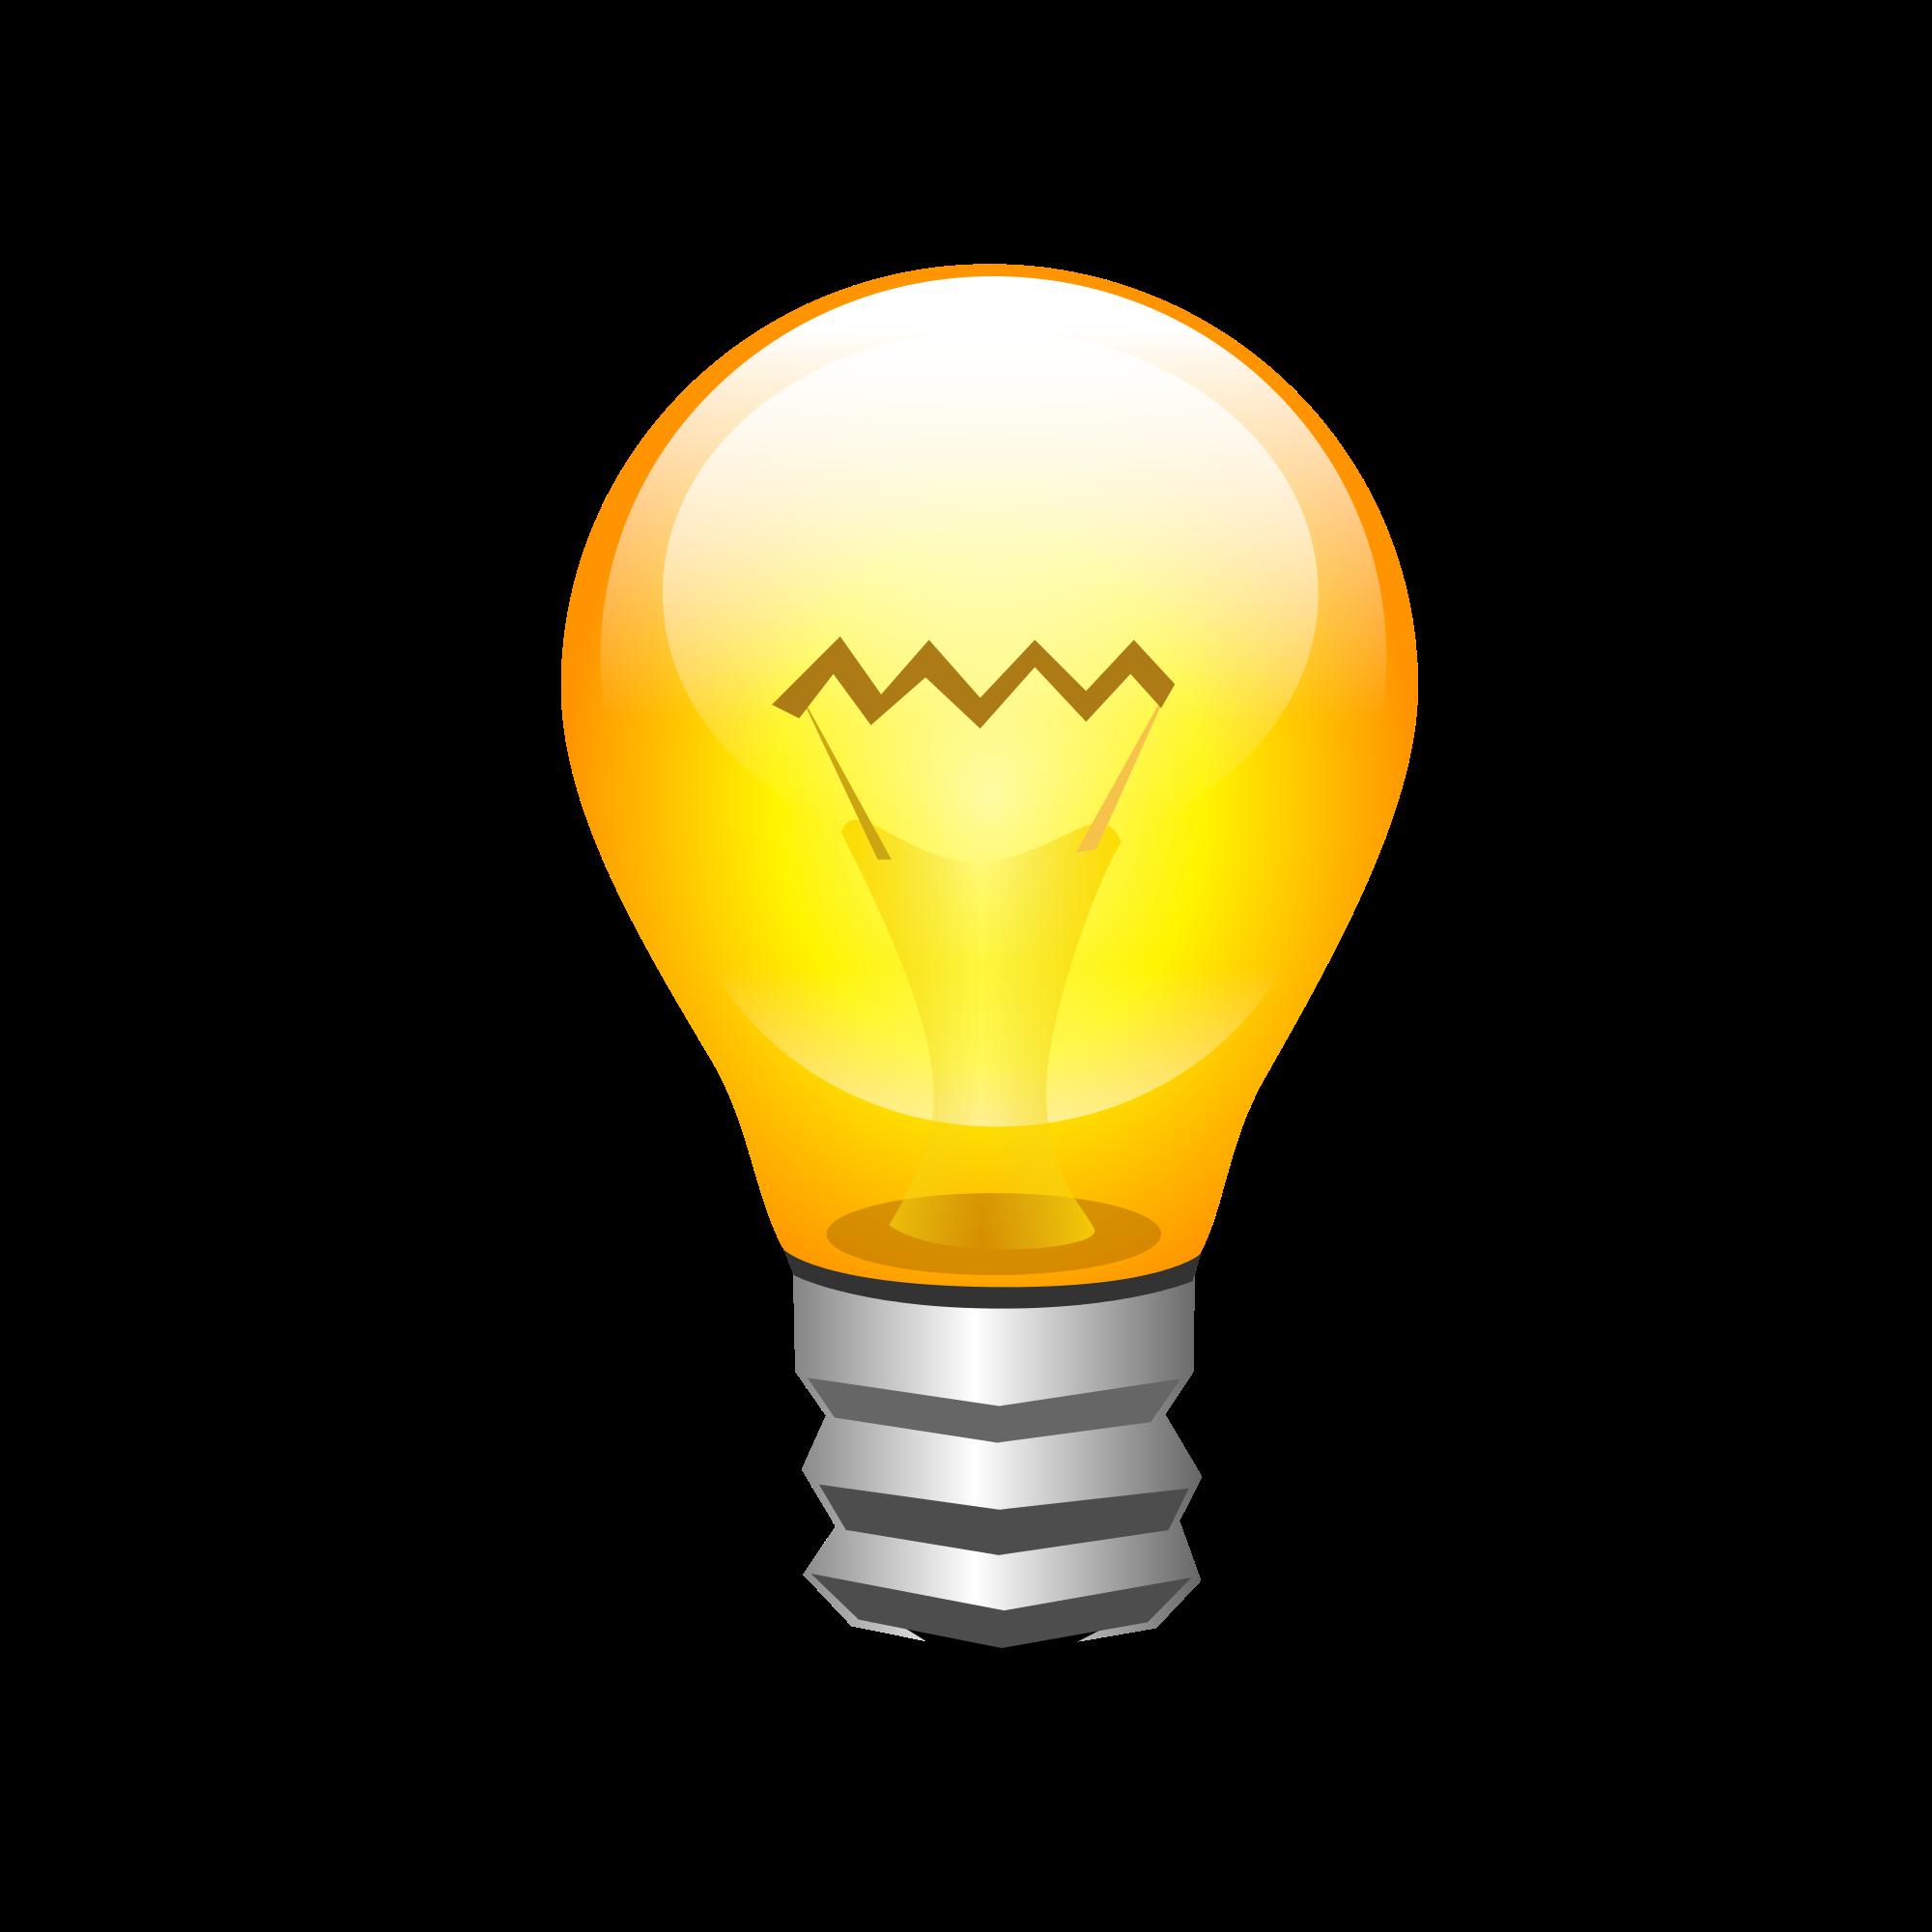 Lamp svg #18, Download drawings